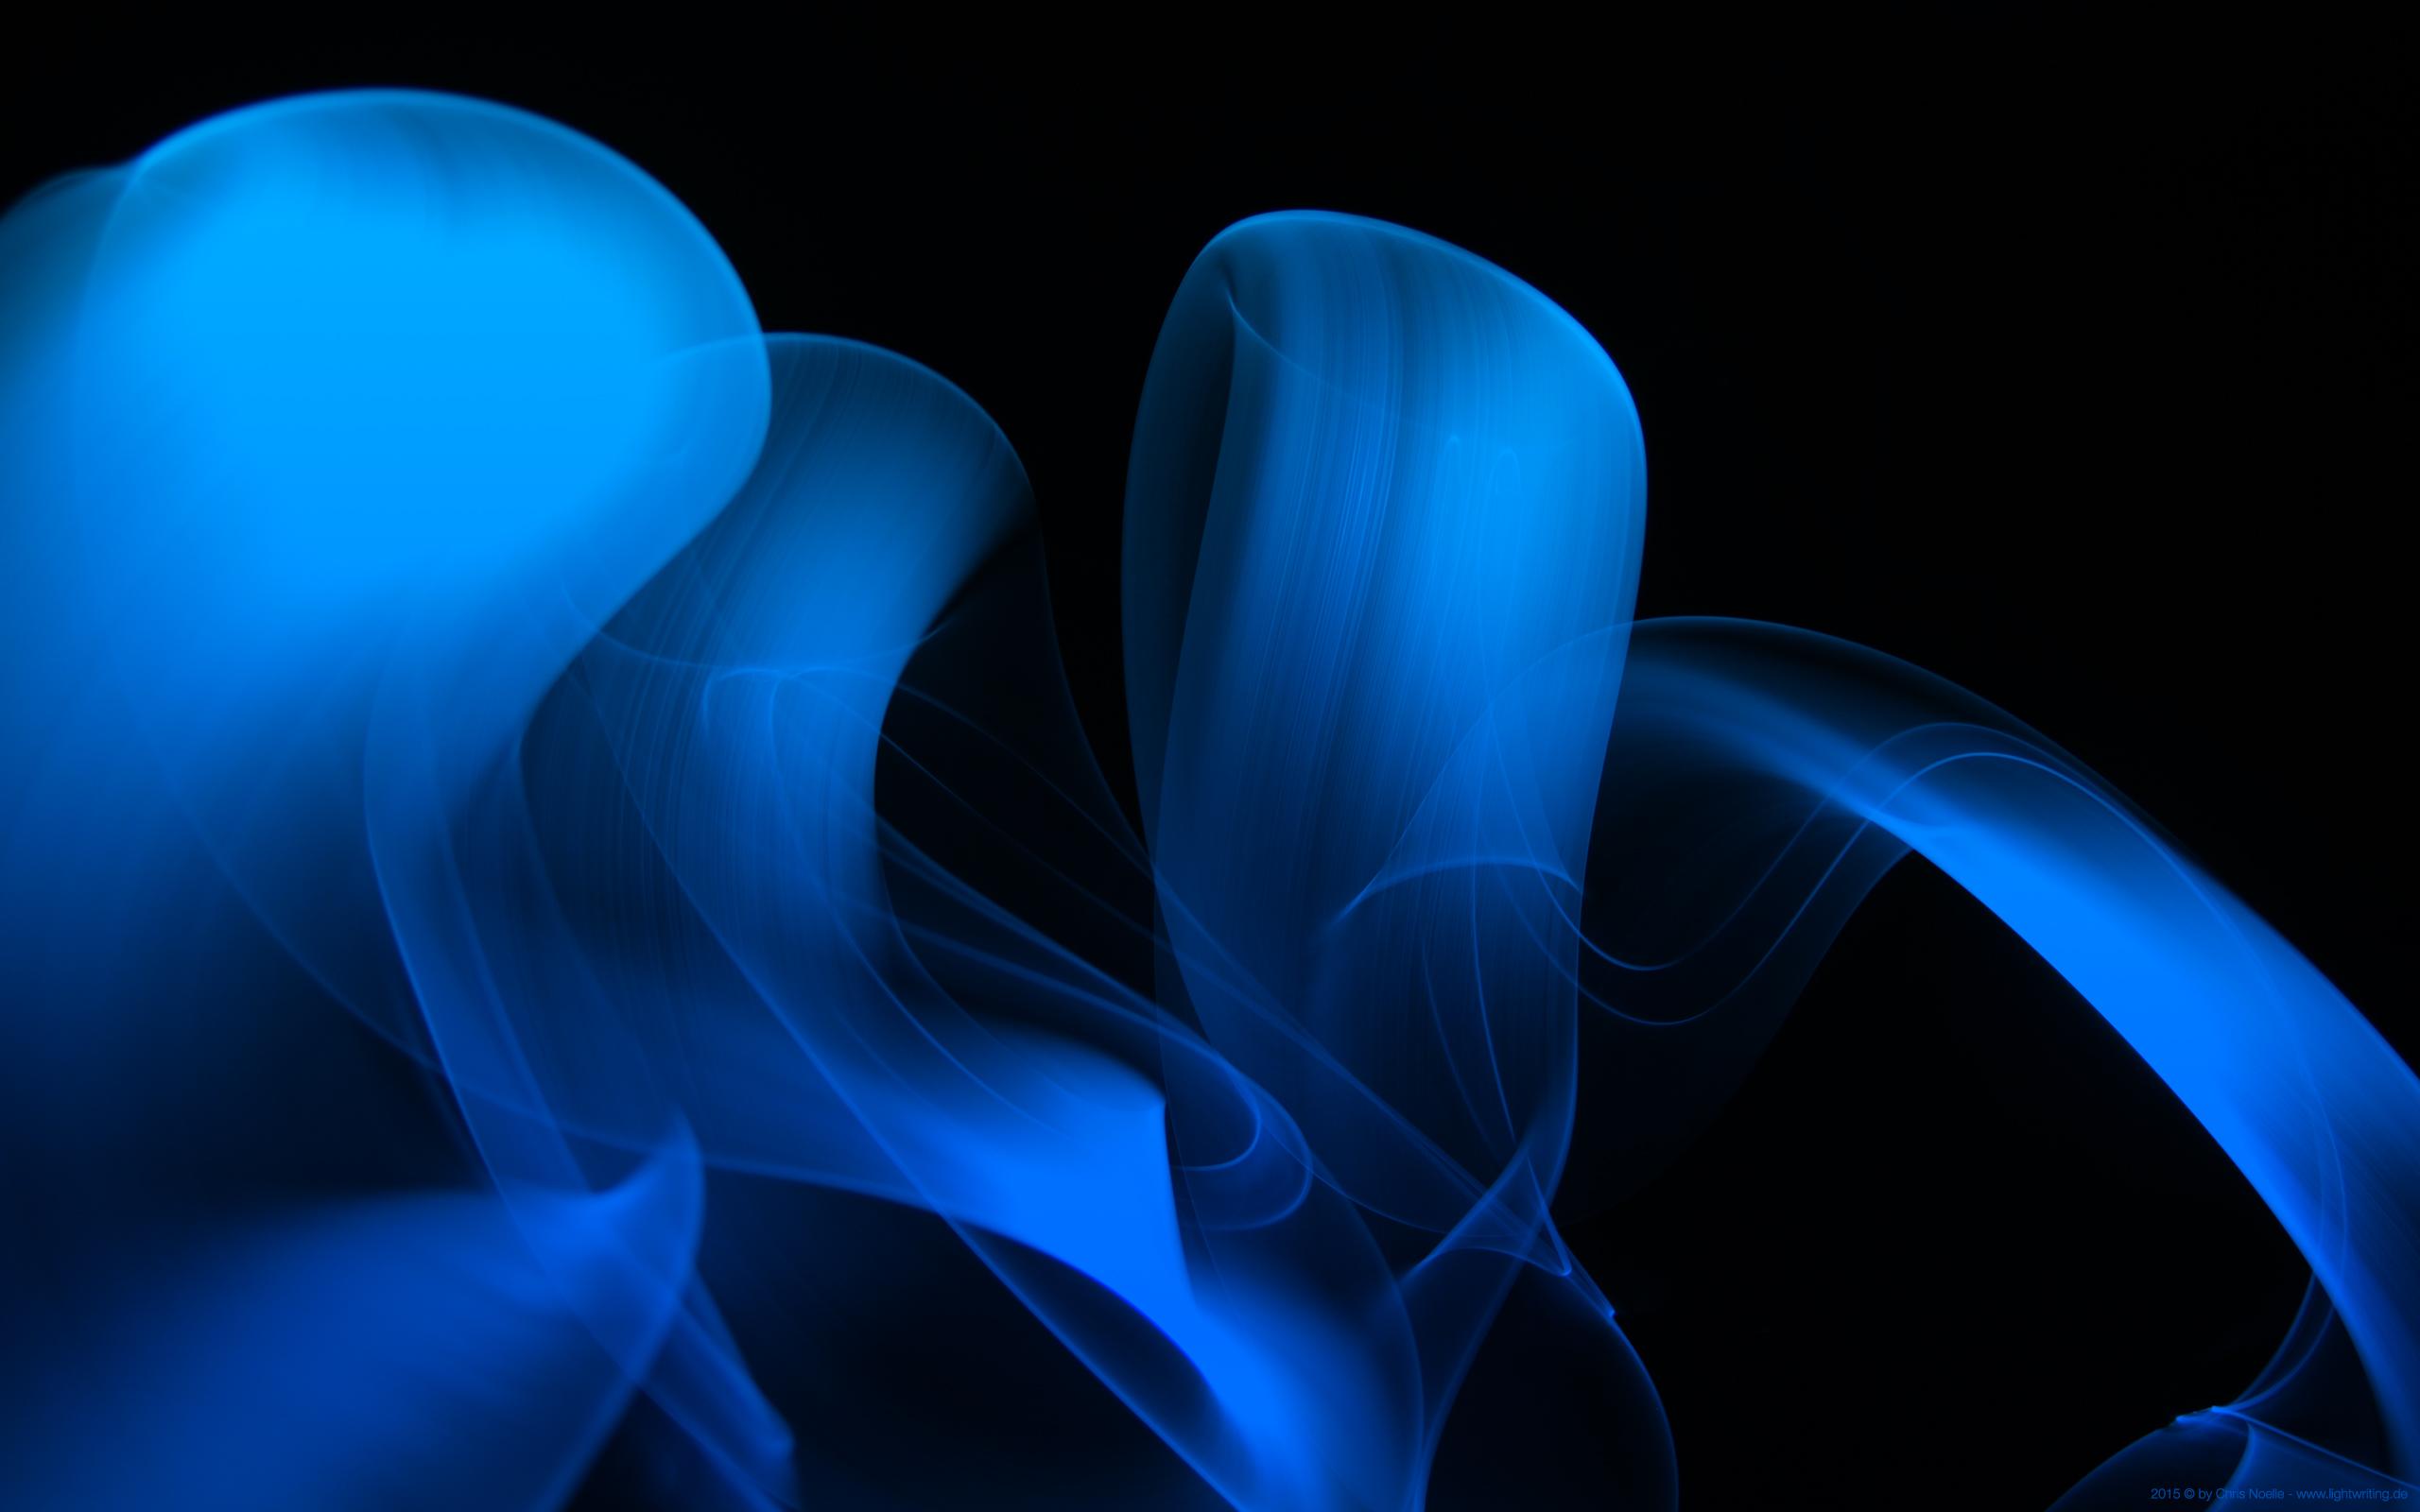 BLUE FOG BLADE